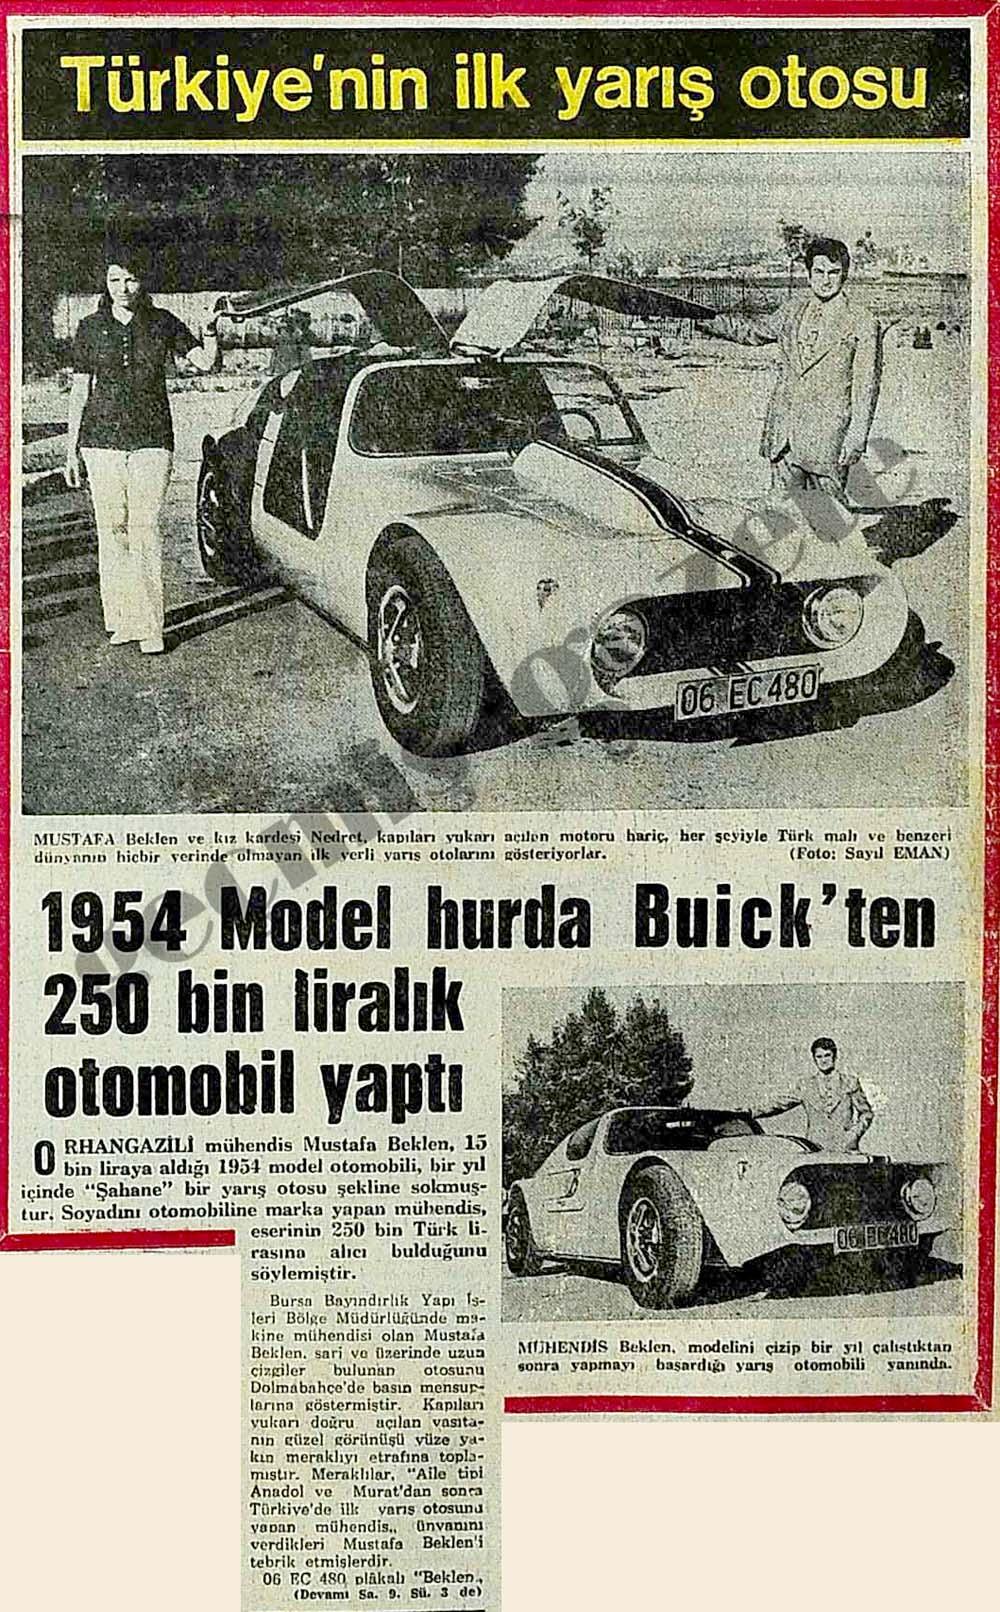 Türkiye'nin ilk yarış otosu